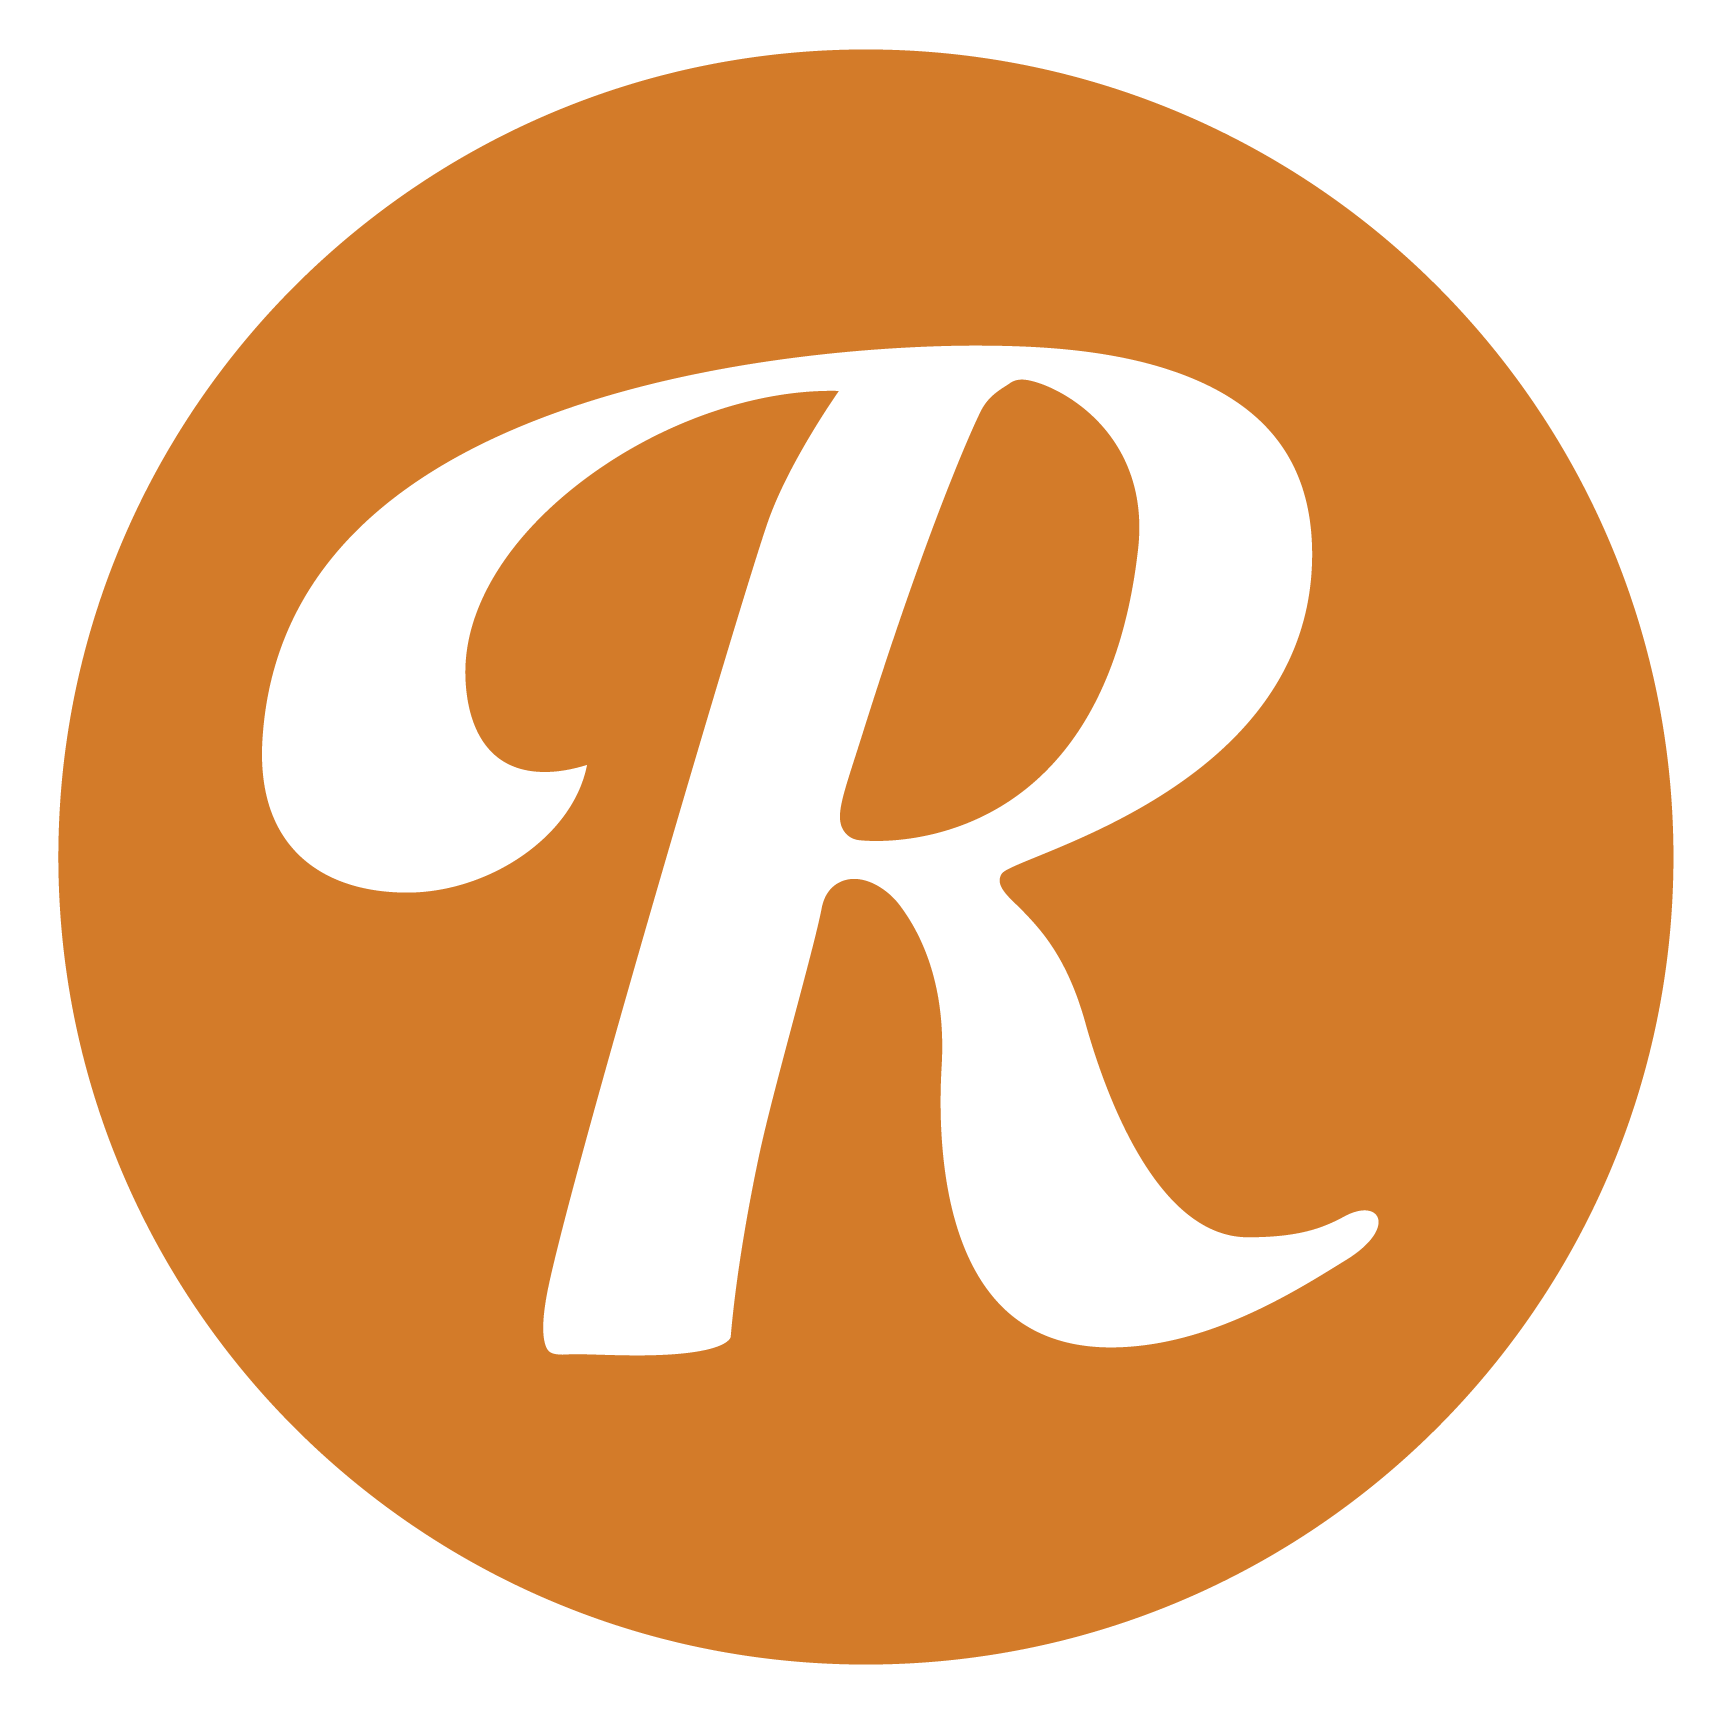 2015-Reverb-Logo-Circle-Orange_vty93g.png